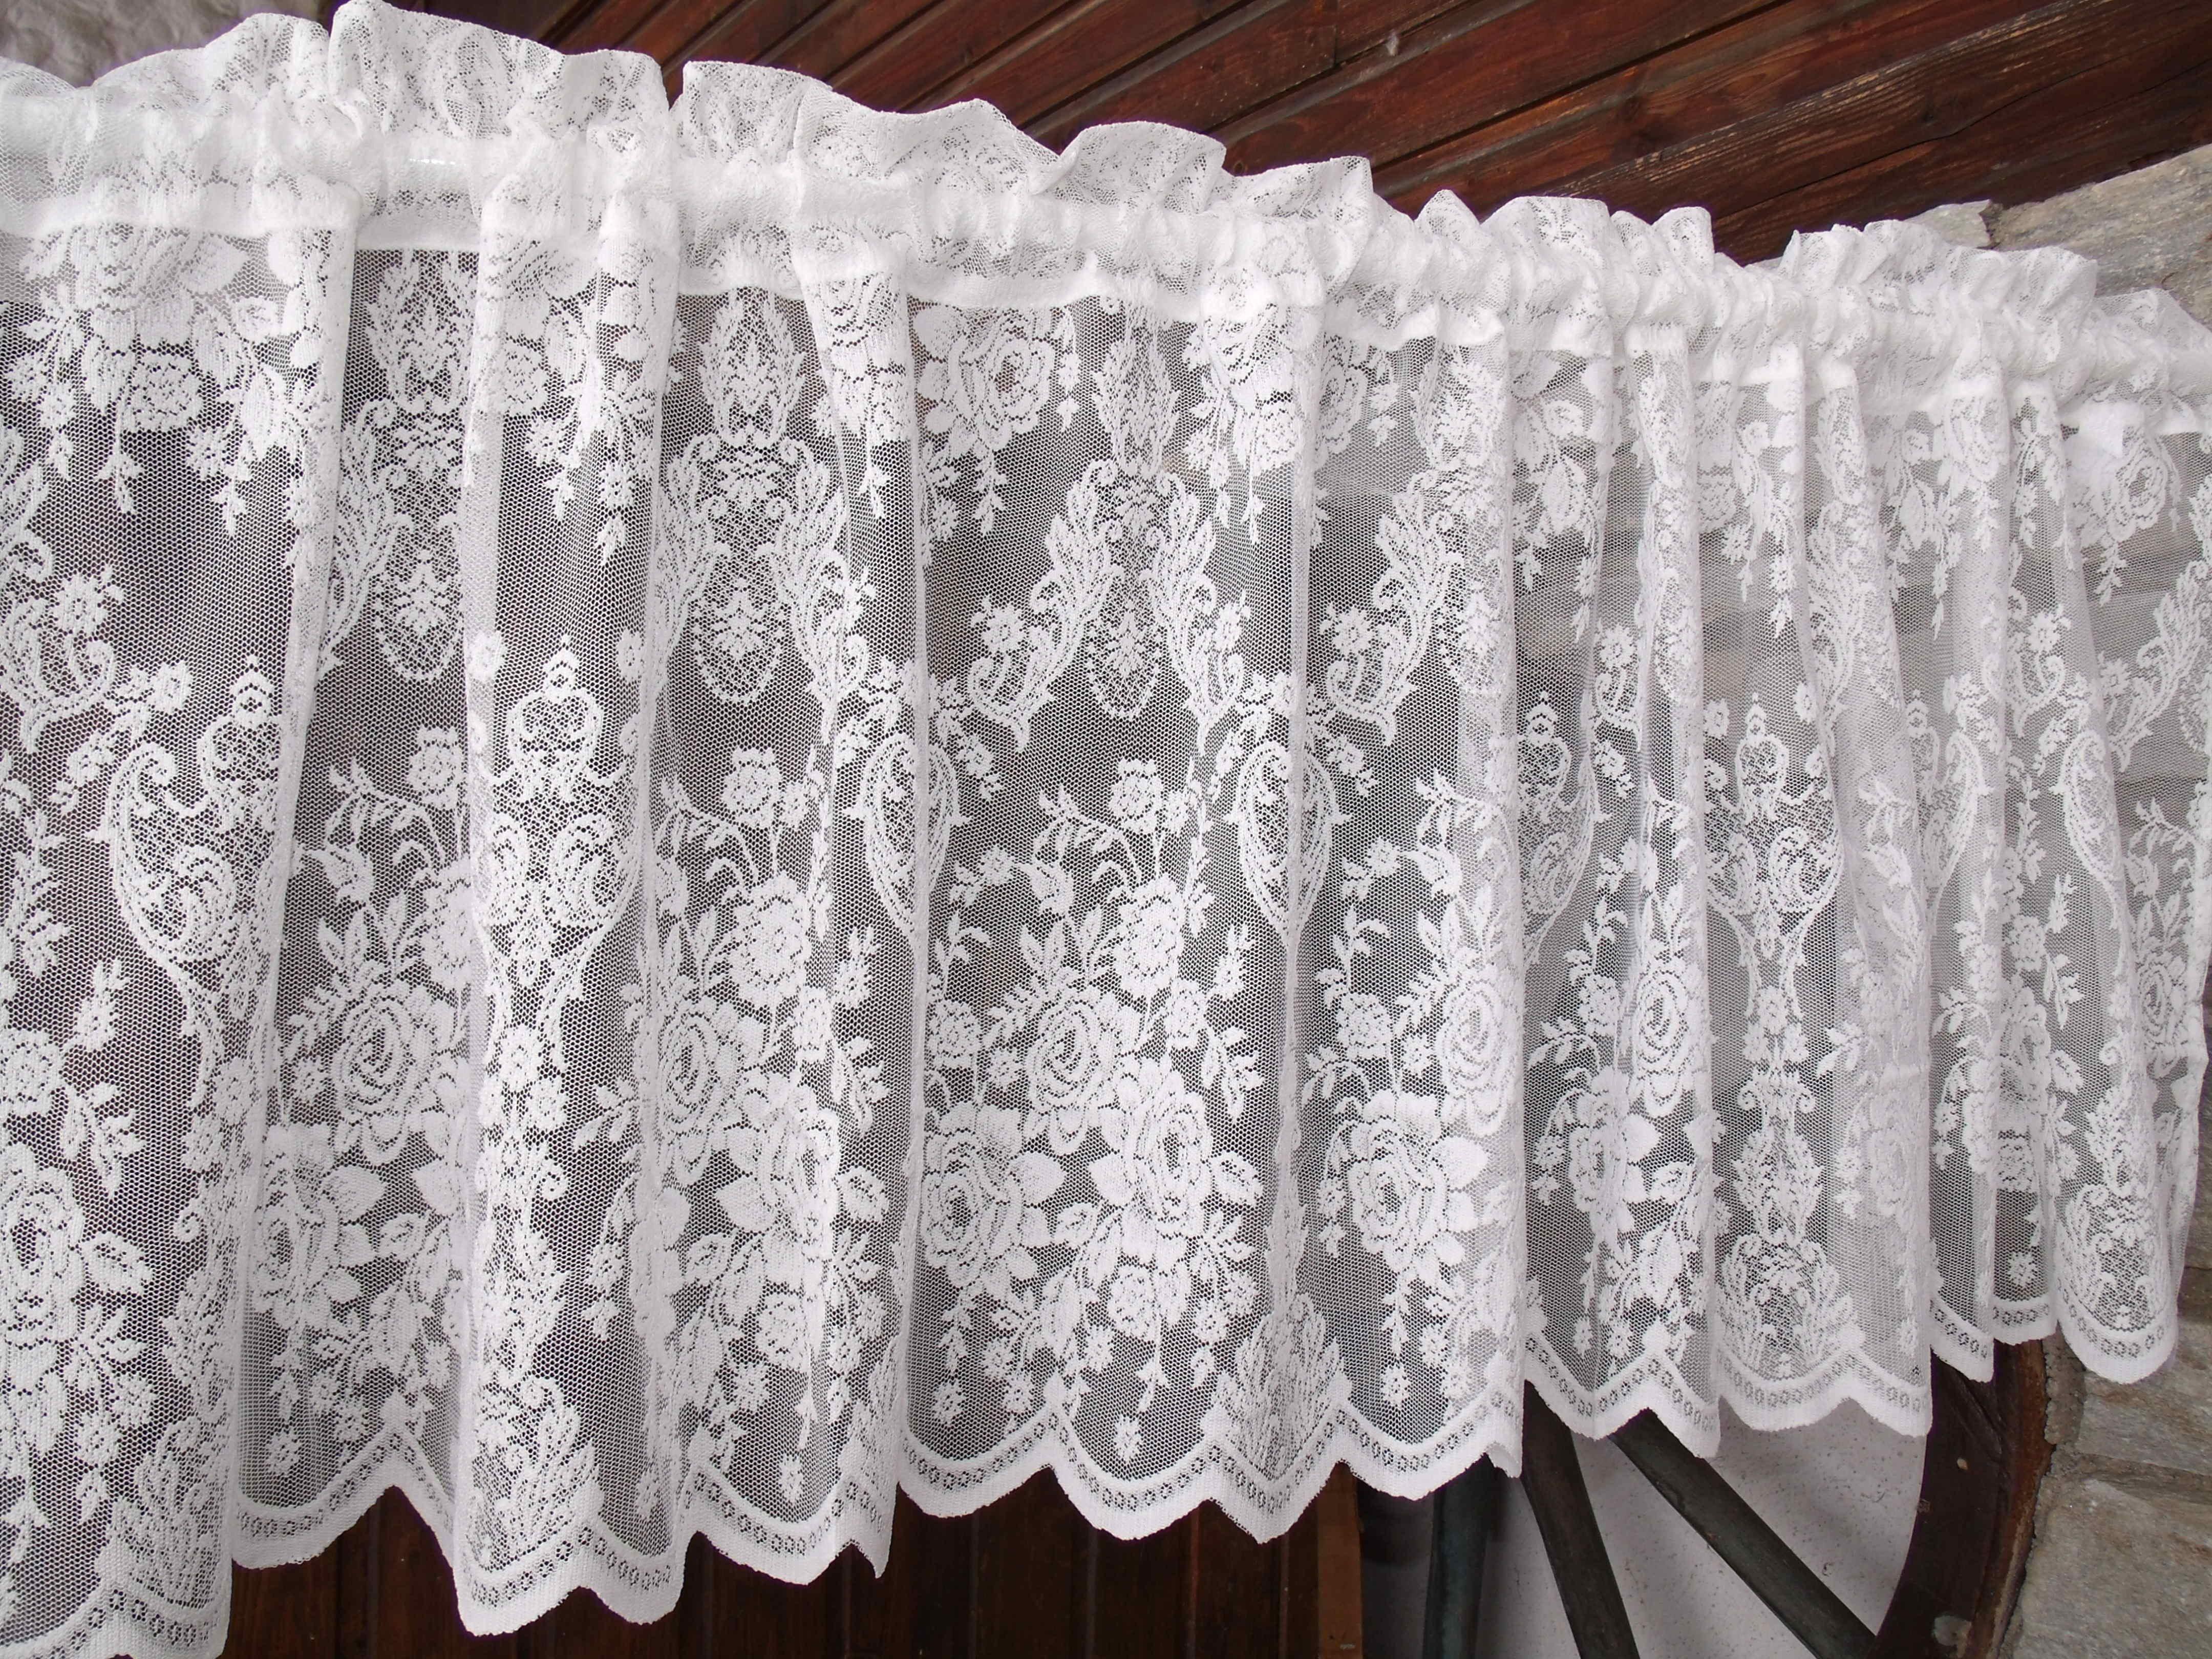 gardinen vorh nge gardinen vorh nge gardinen lillabelle. Black Bedroom Furniture Sets. Home Design Ideas